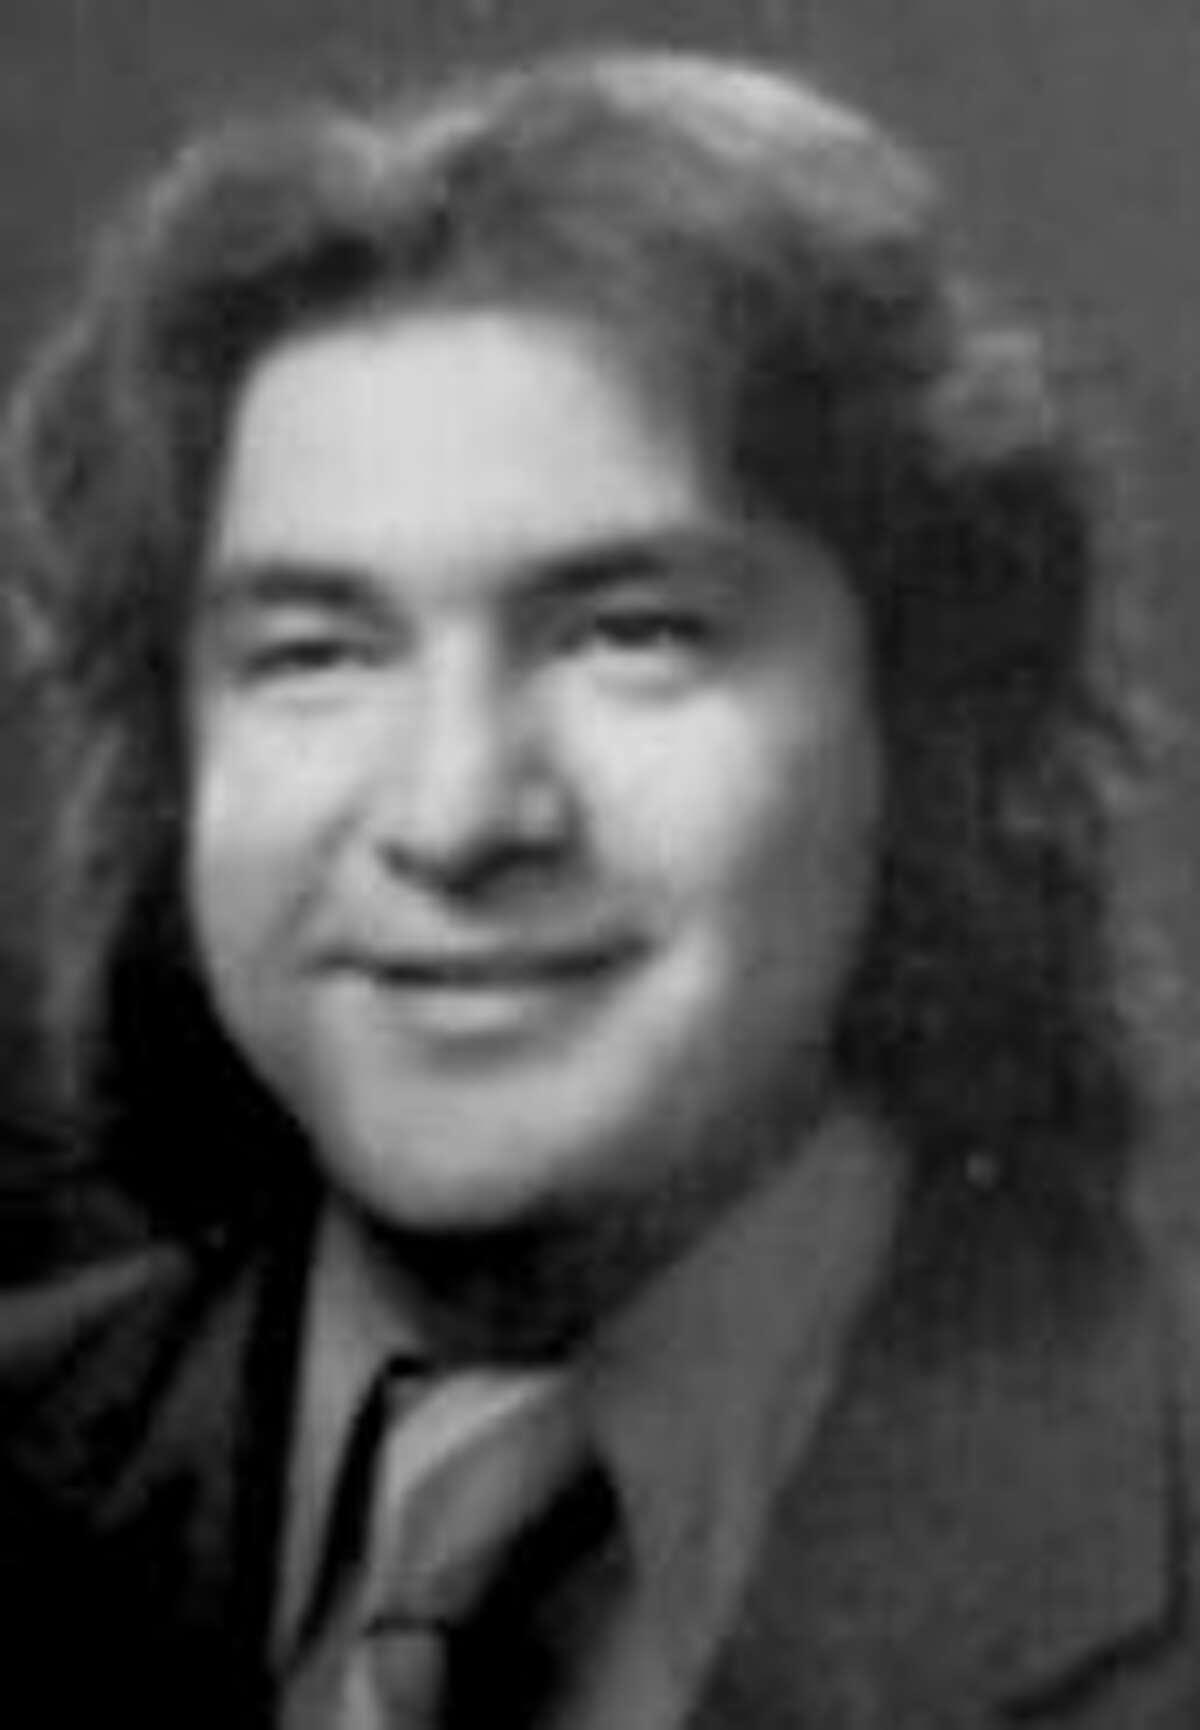 Oscar Javier 'Bimbo' Garza